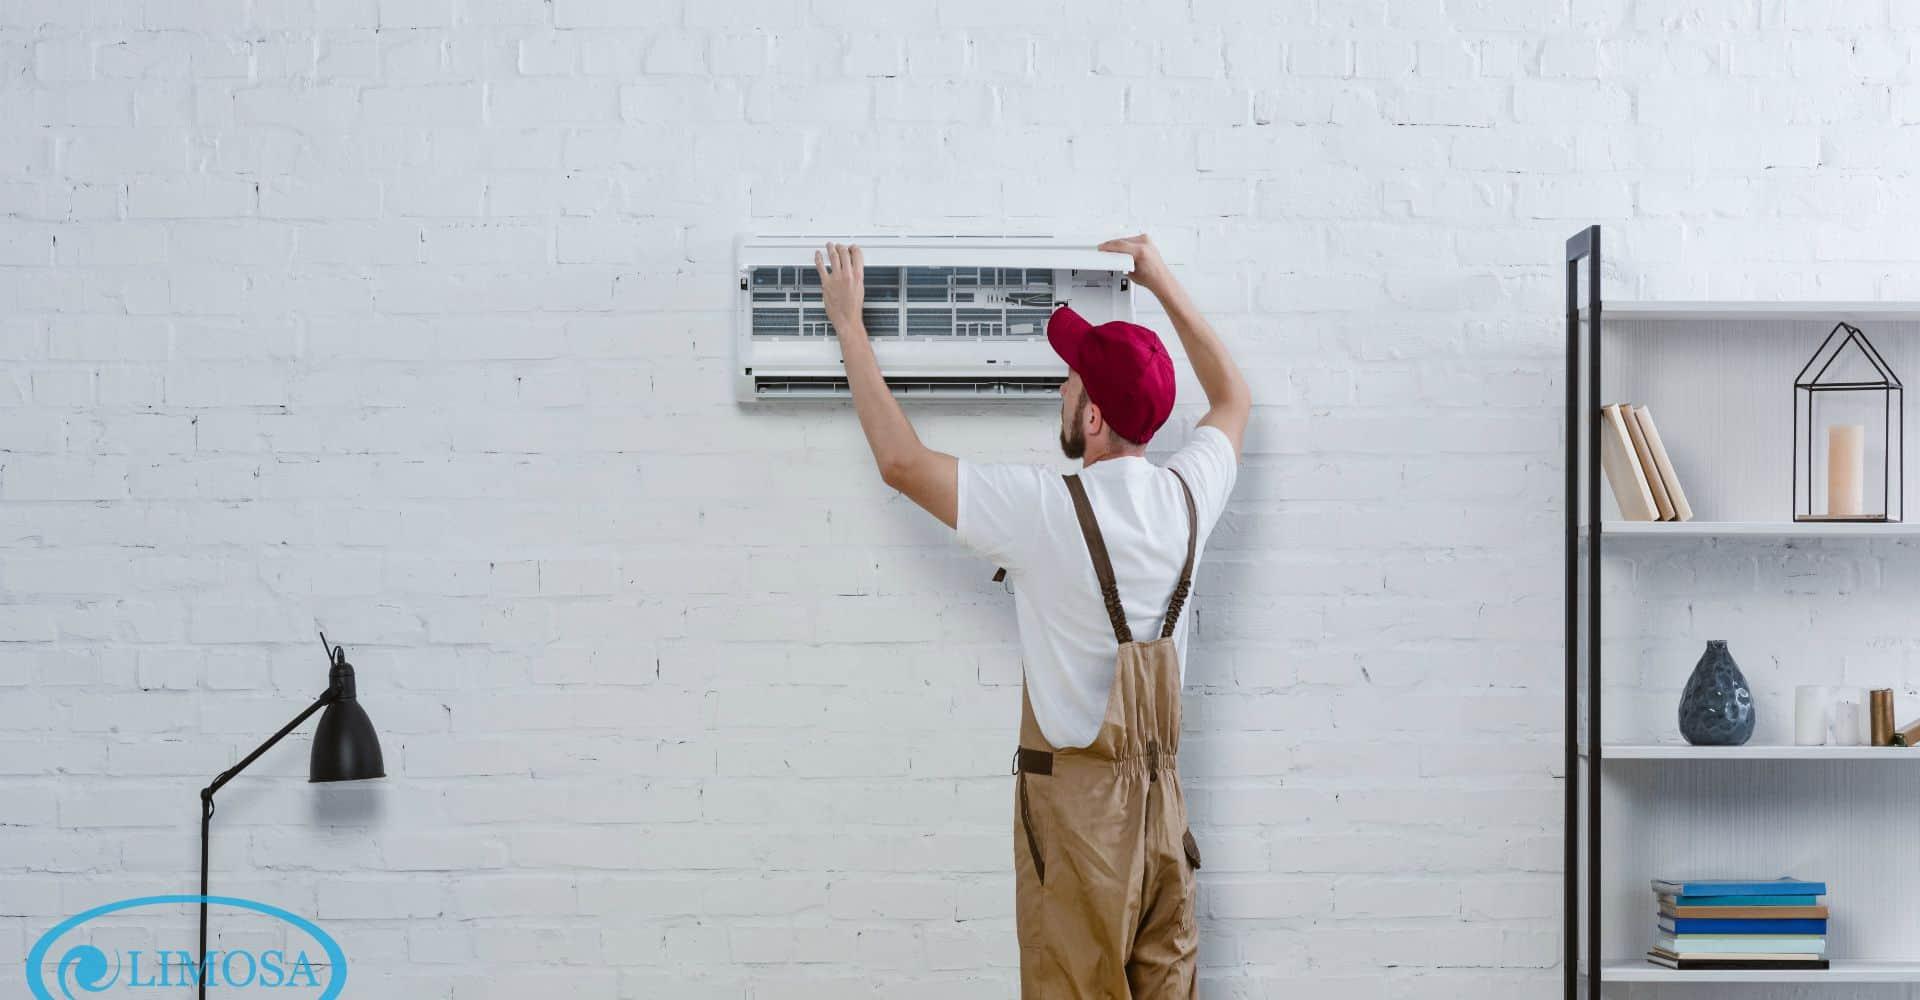 Tại sao lại là tháo lắp máy lạnh quận Bình Tân Limosa mà không phải đơn vị khác?